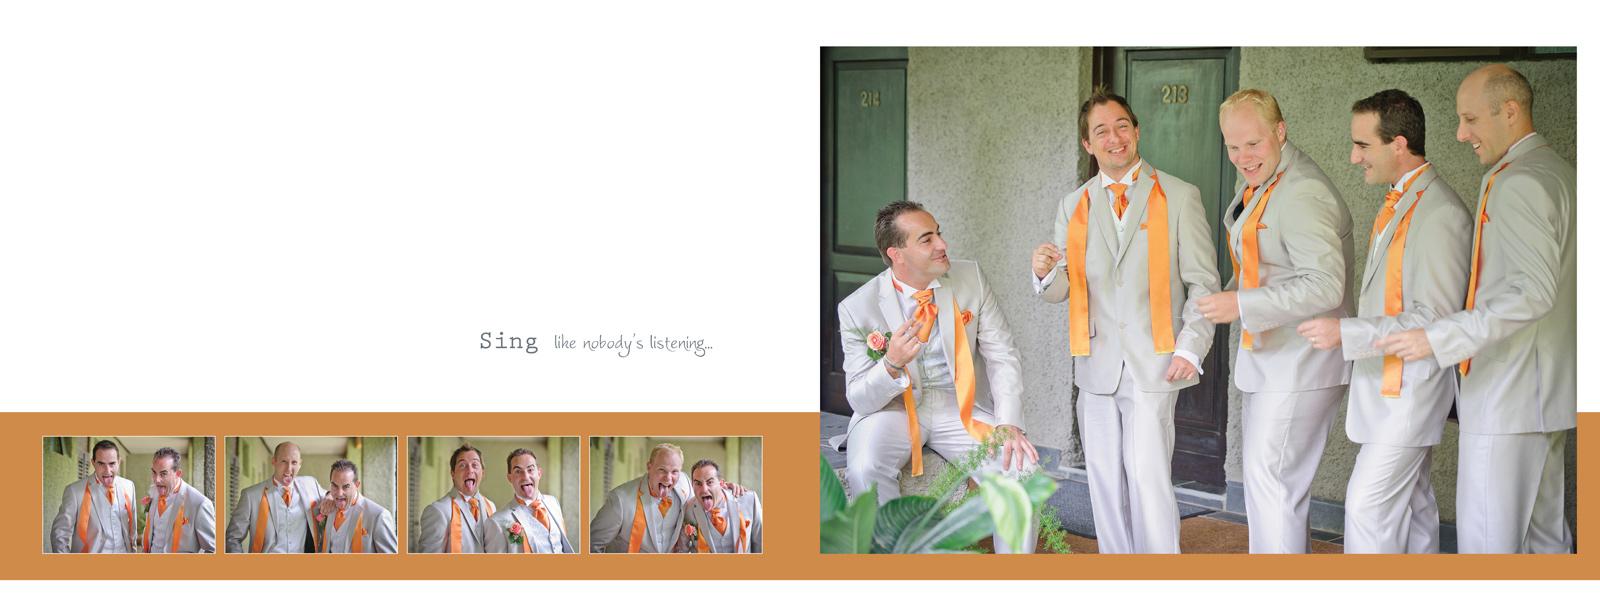 Nathalie Boucry Photography | Charlene and Craig Wedding Album 013